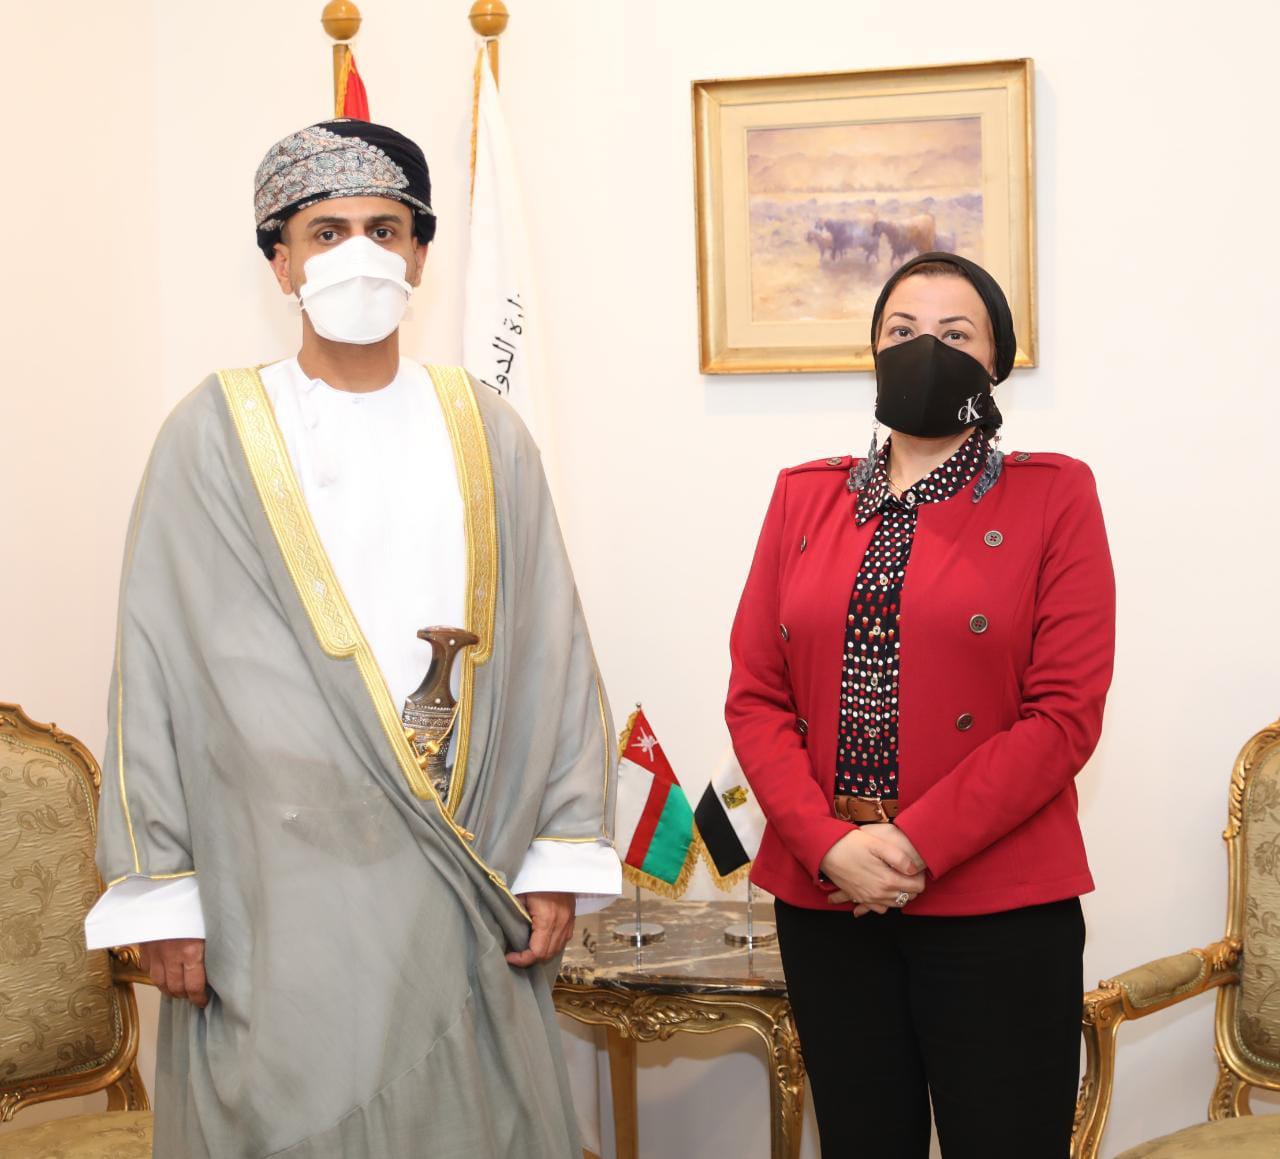 وزيرة البيئة تستقبل رئيس هيئة البيئة بسلطنة عمان لبحث سبل التعاون المشترك